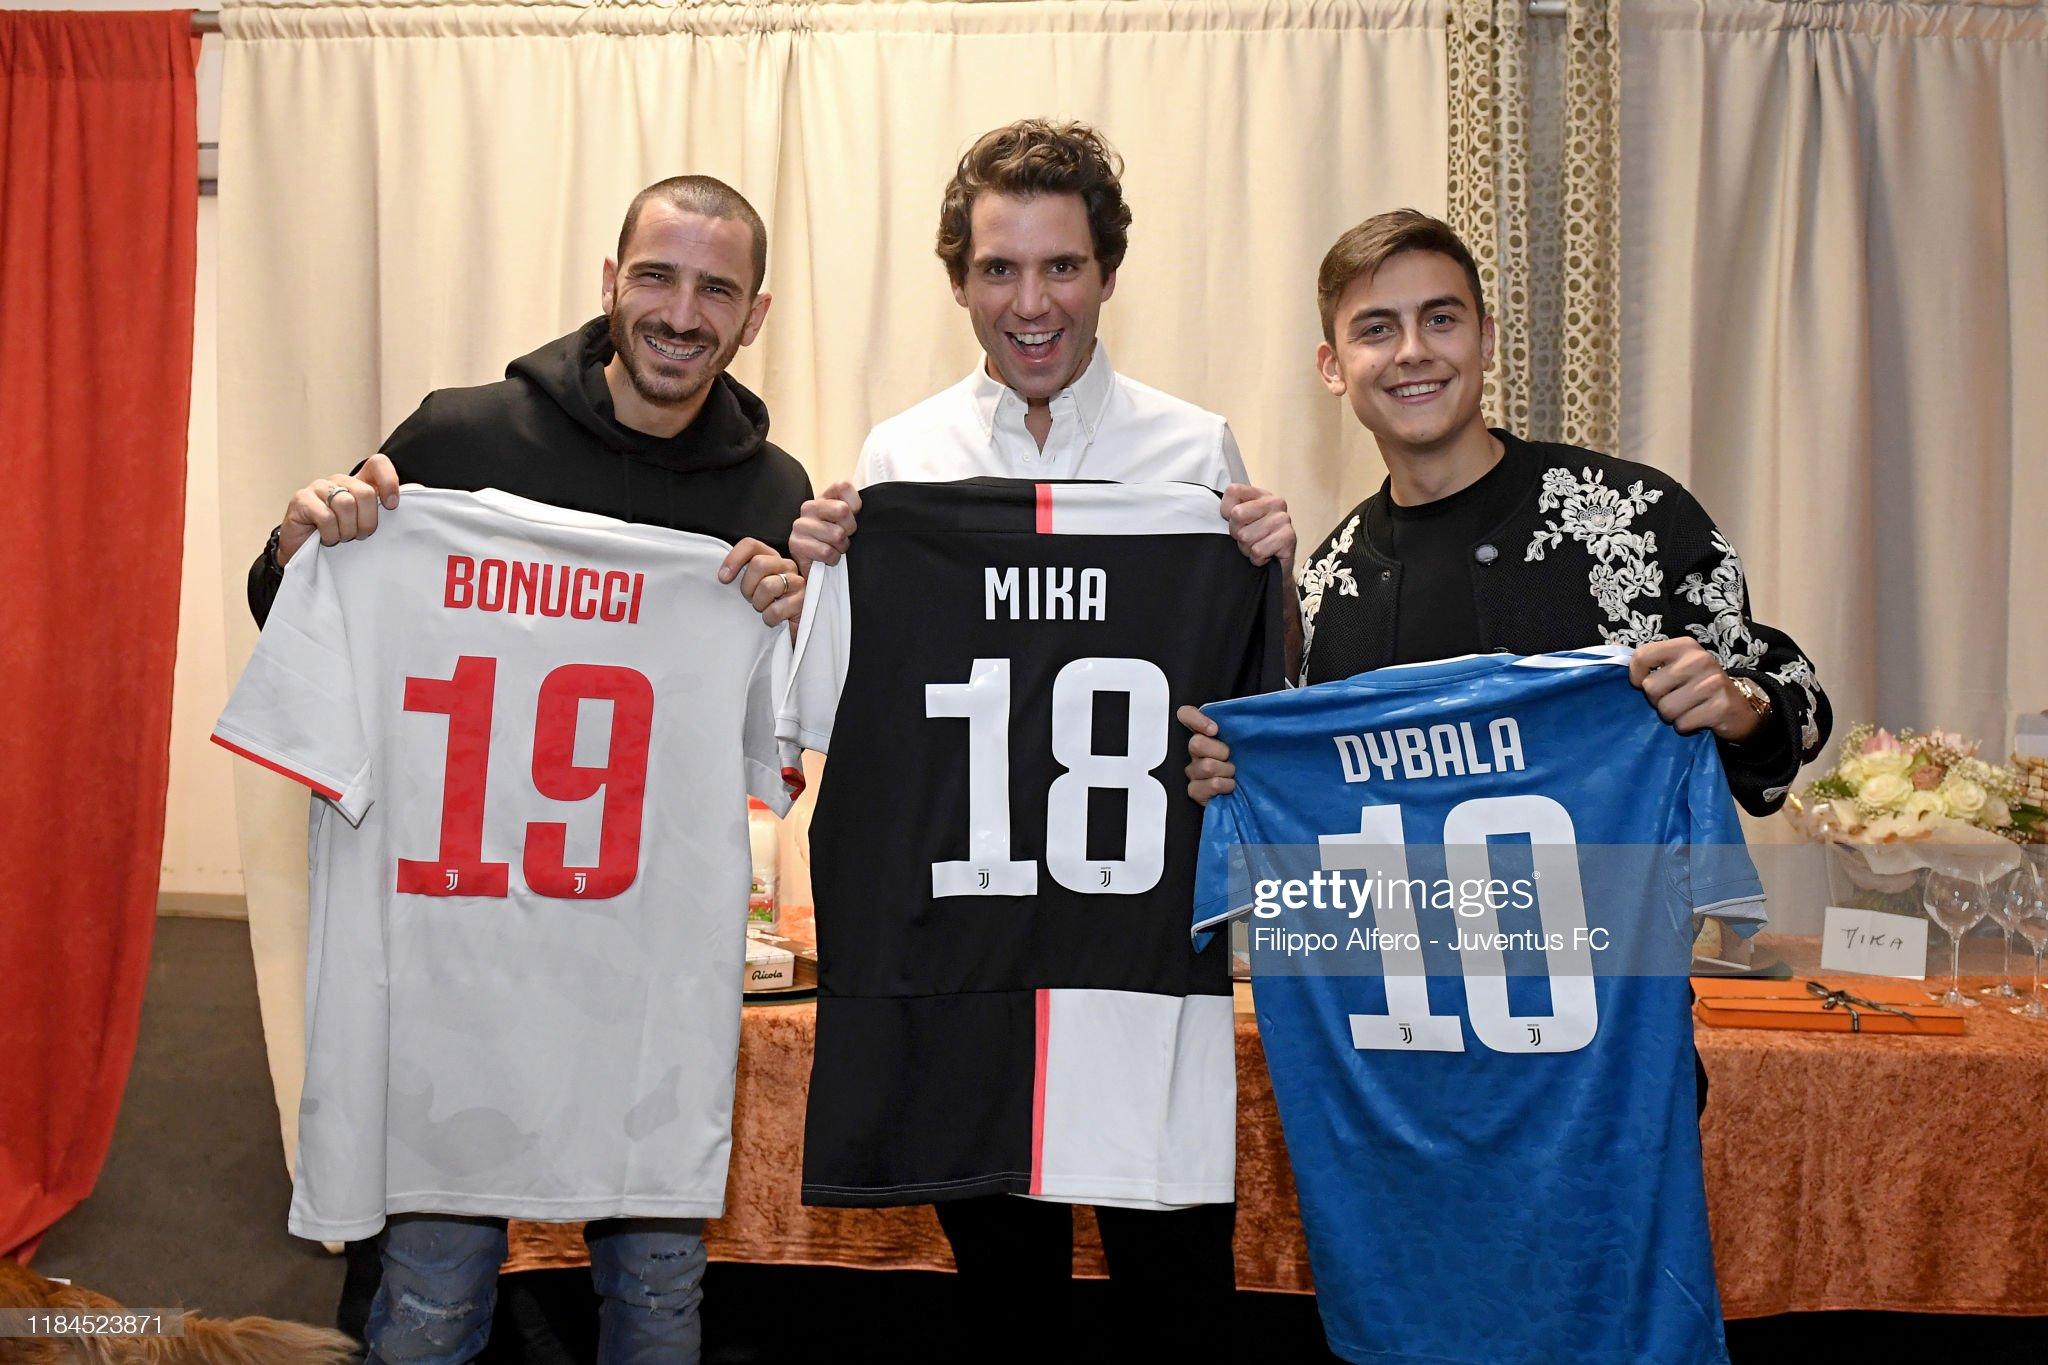 juventus-players-leonardo-bonucci-and-pa